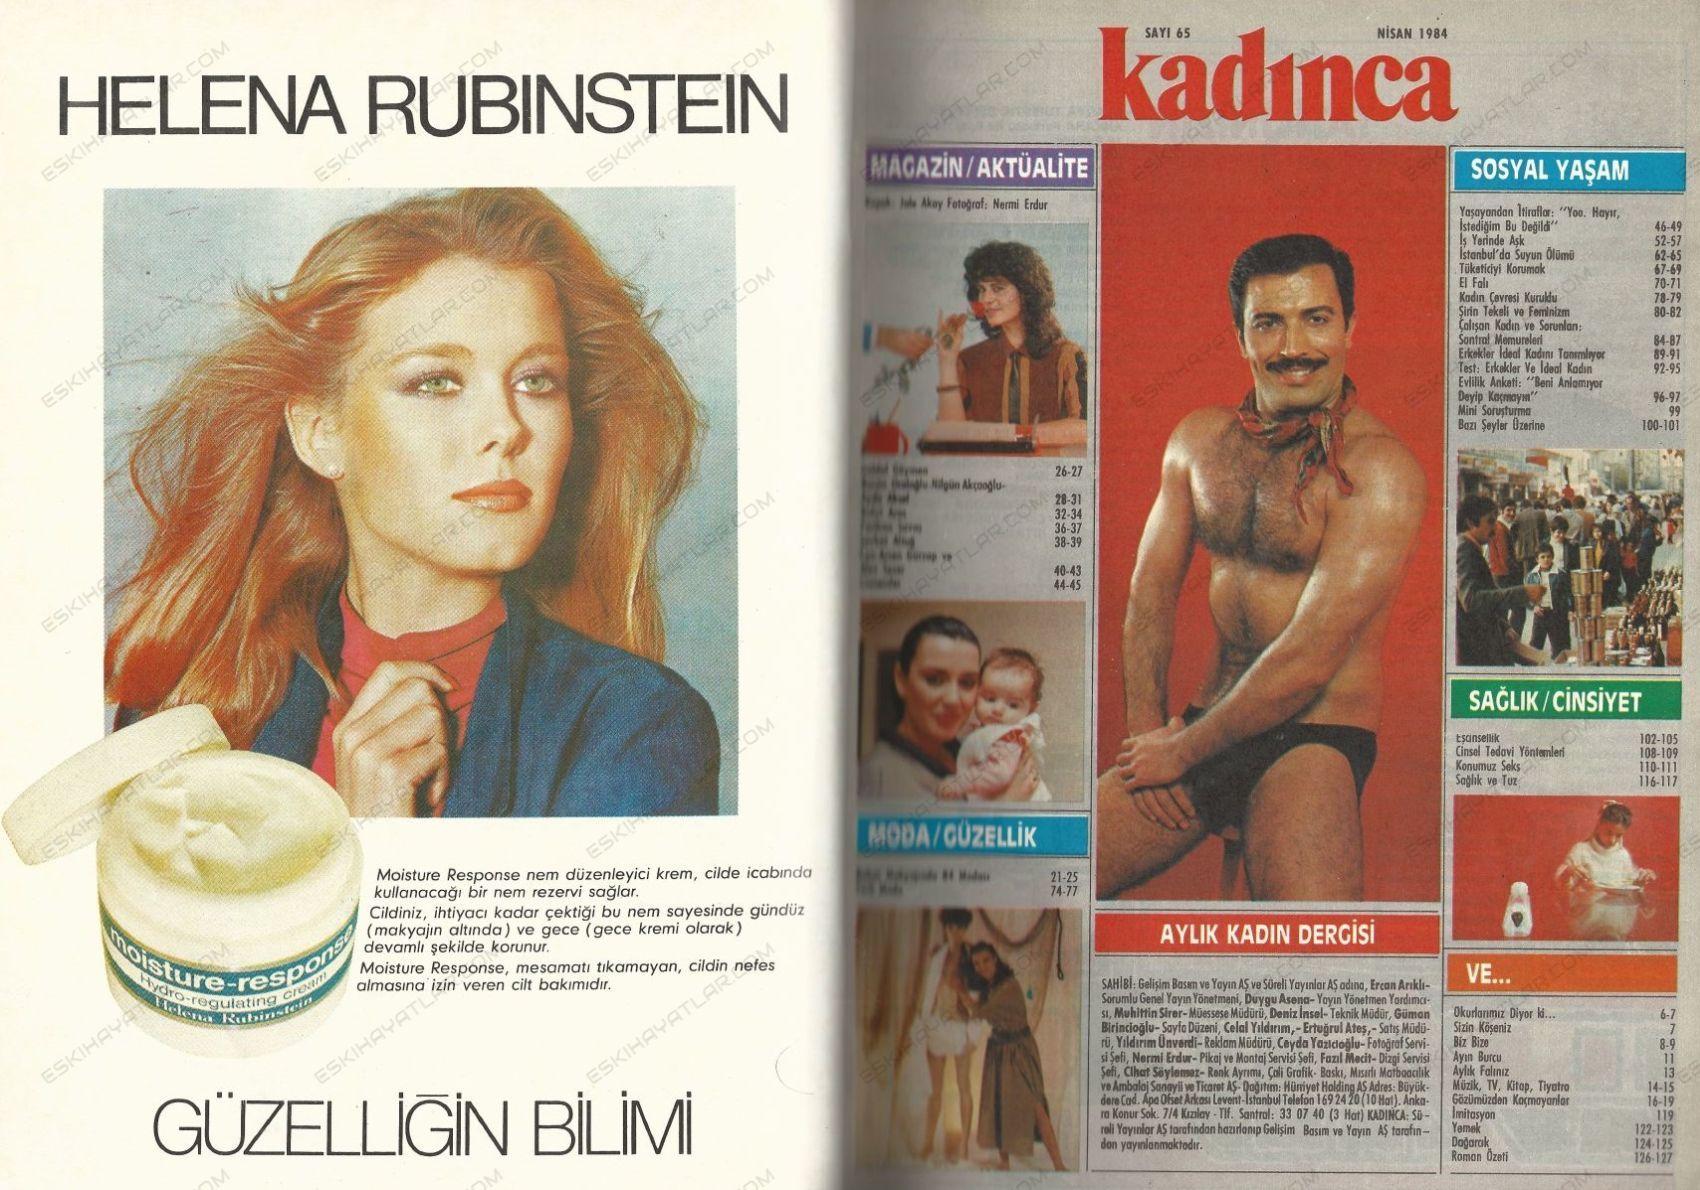 0388-bulut-aras-turk-sinemasinin-en-iyigi-fizigi-benim-1984-kadinca-dergisi (1)